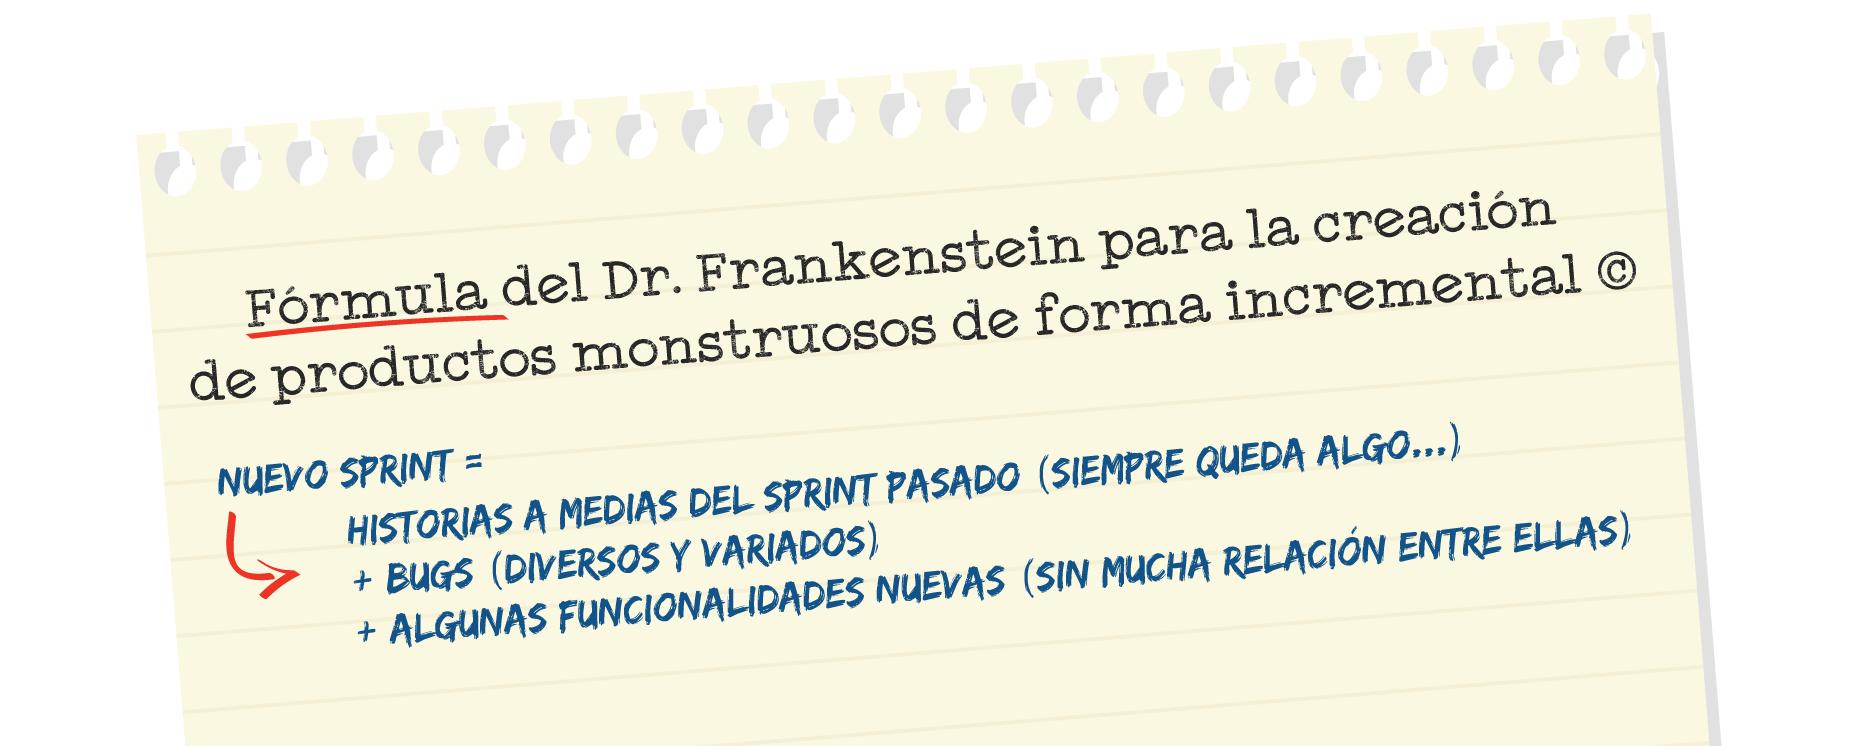 fórmula_frankenstein